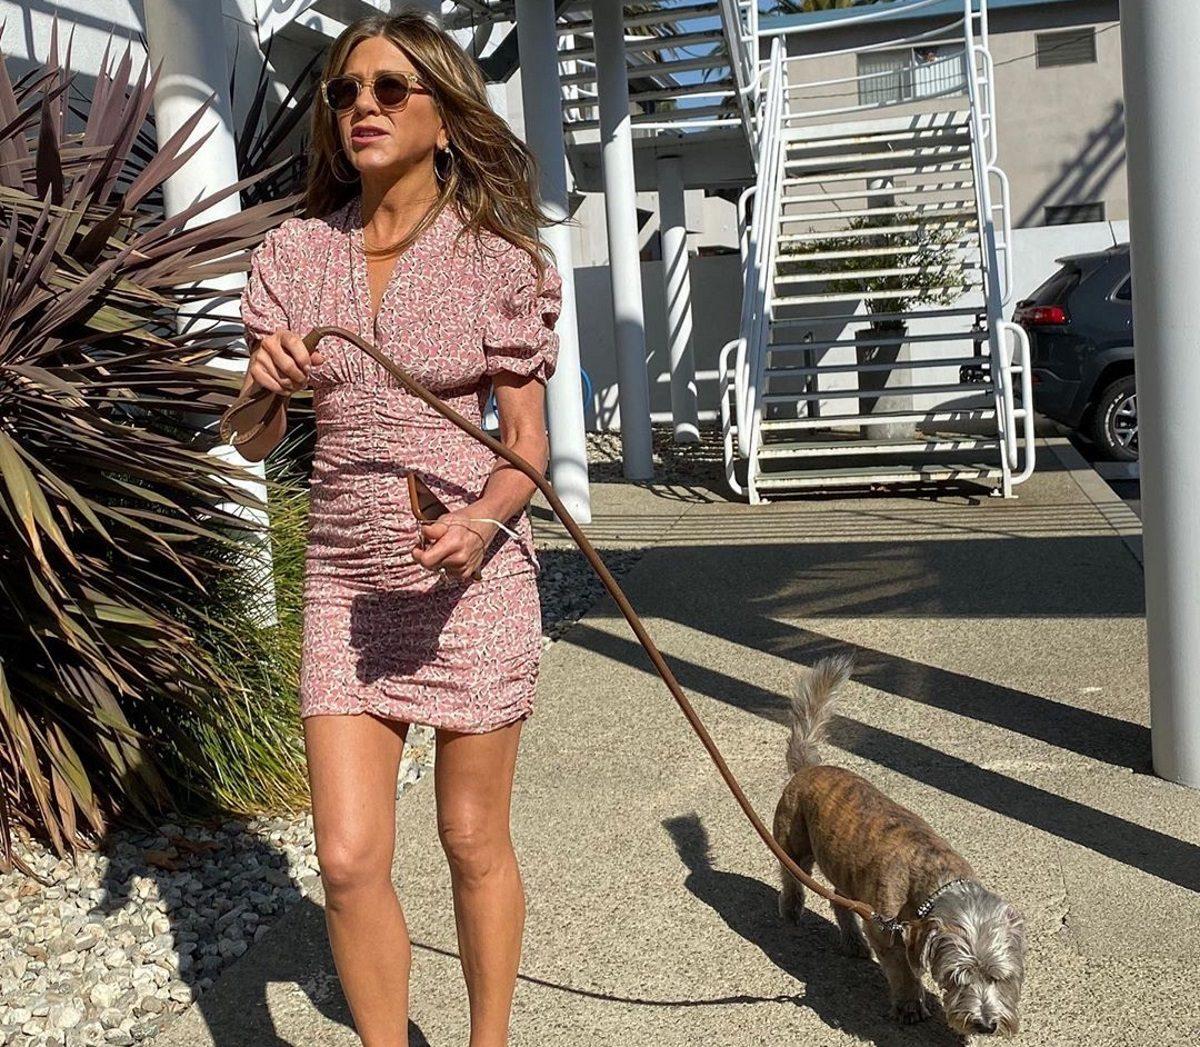 Η Jennifer Aniston απέκτησε 20 εκατομμύρια ακόλουθους στο Instagram μέσα σε ένα μήνα | tlife.gr